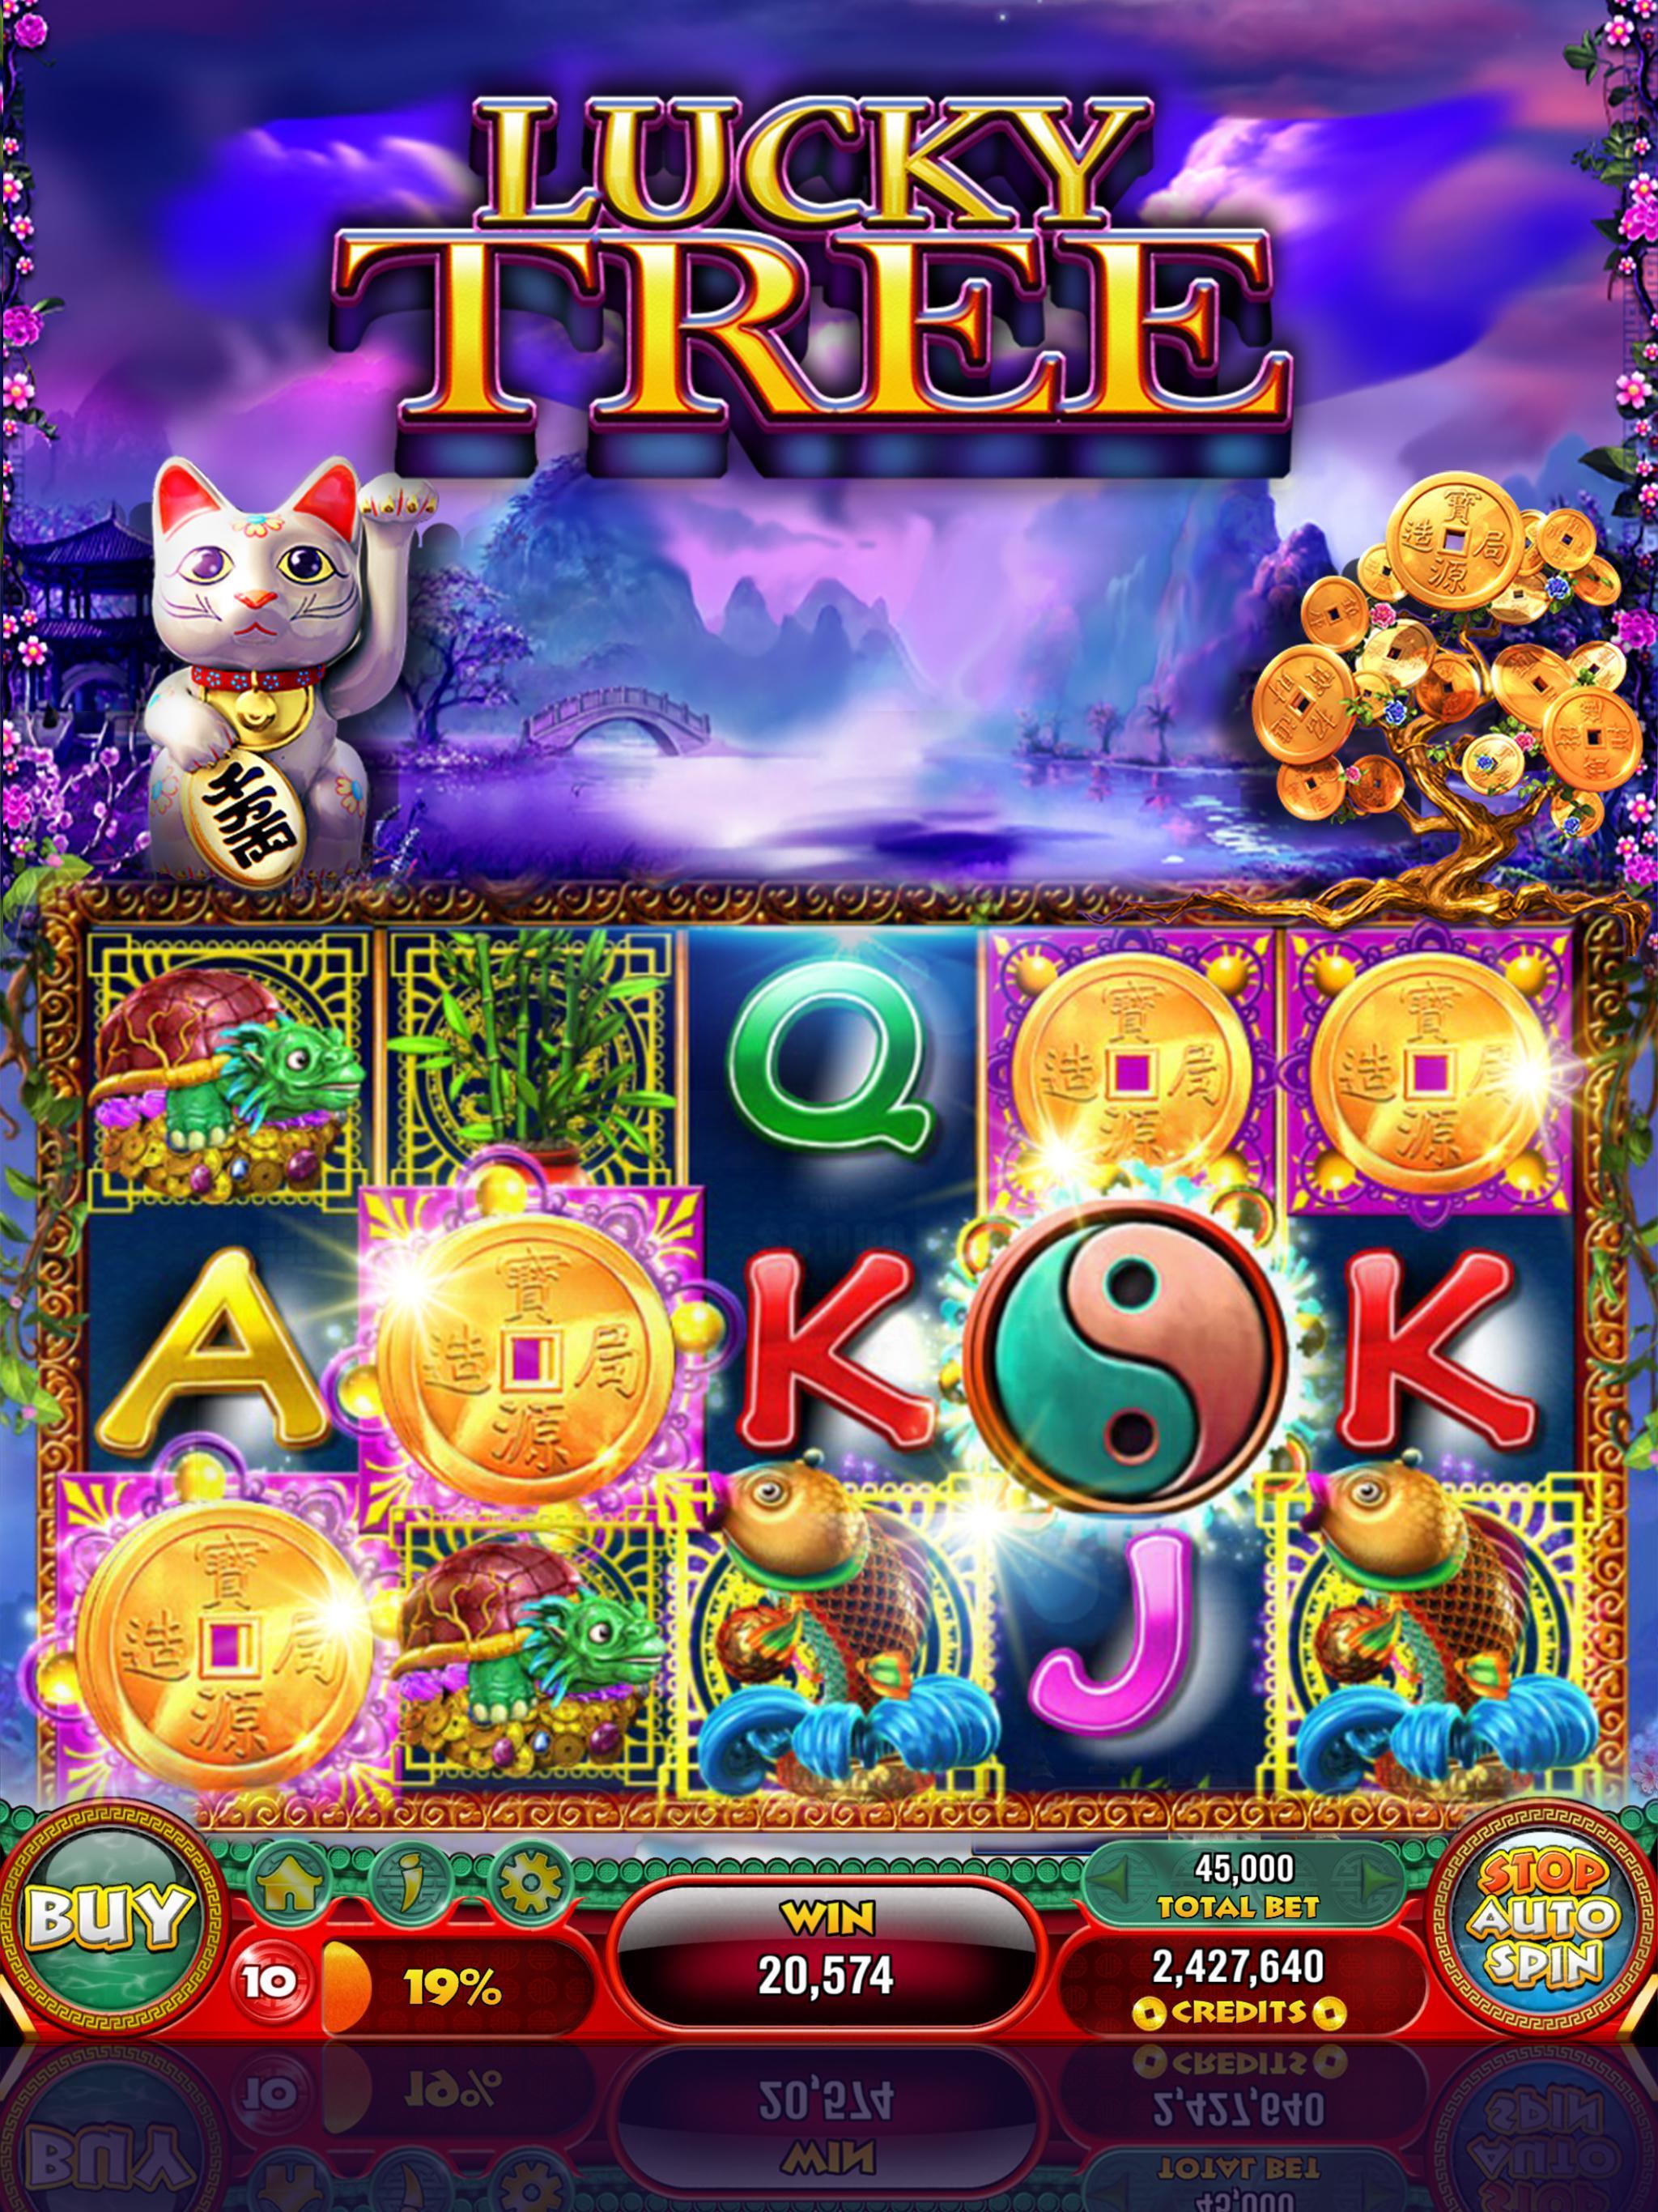 88 Fortunes Casino Games & Free Slot Machines 3.2.38 Screenshot 11